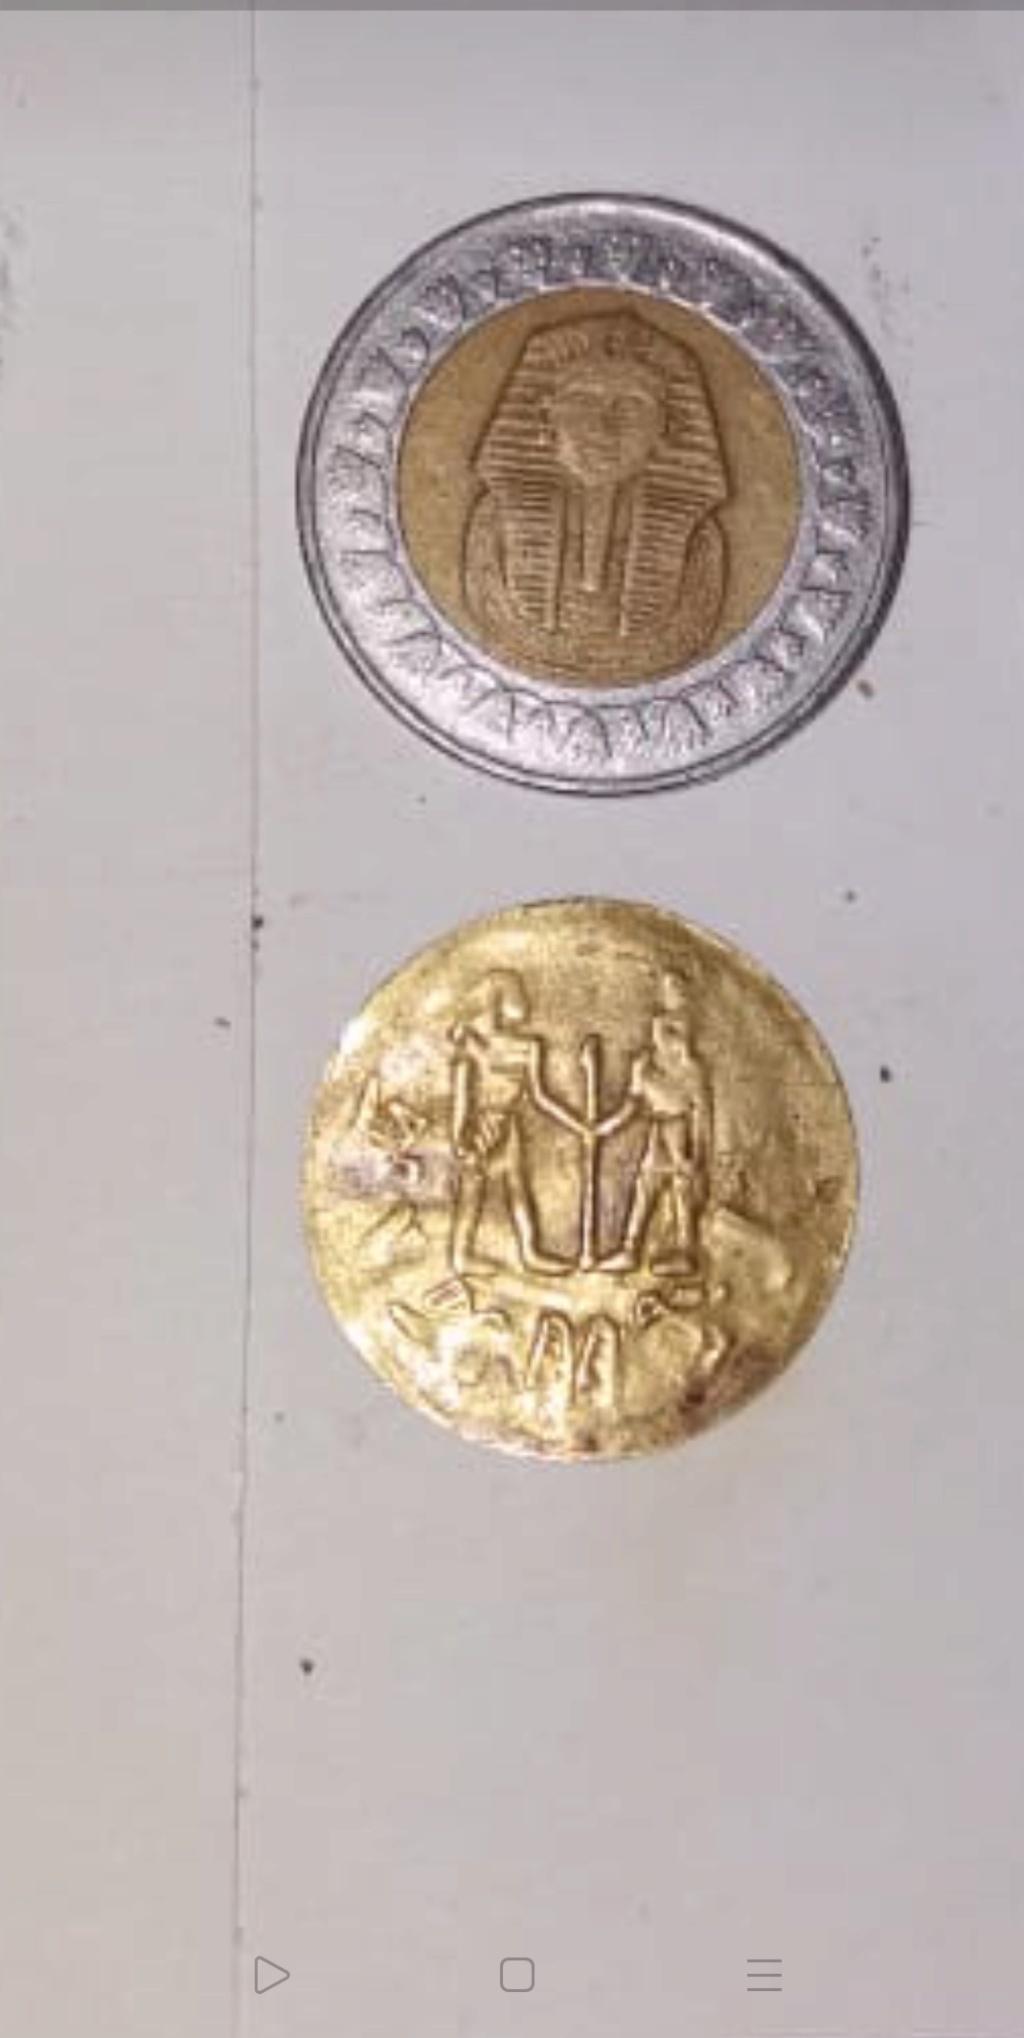 ارجو تقييم هذه العملة من فضلكم هل هي فرعونية ام بيزينطية Screen14